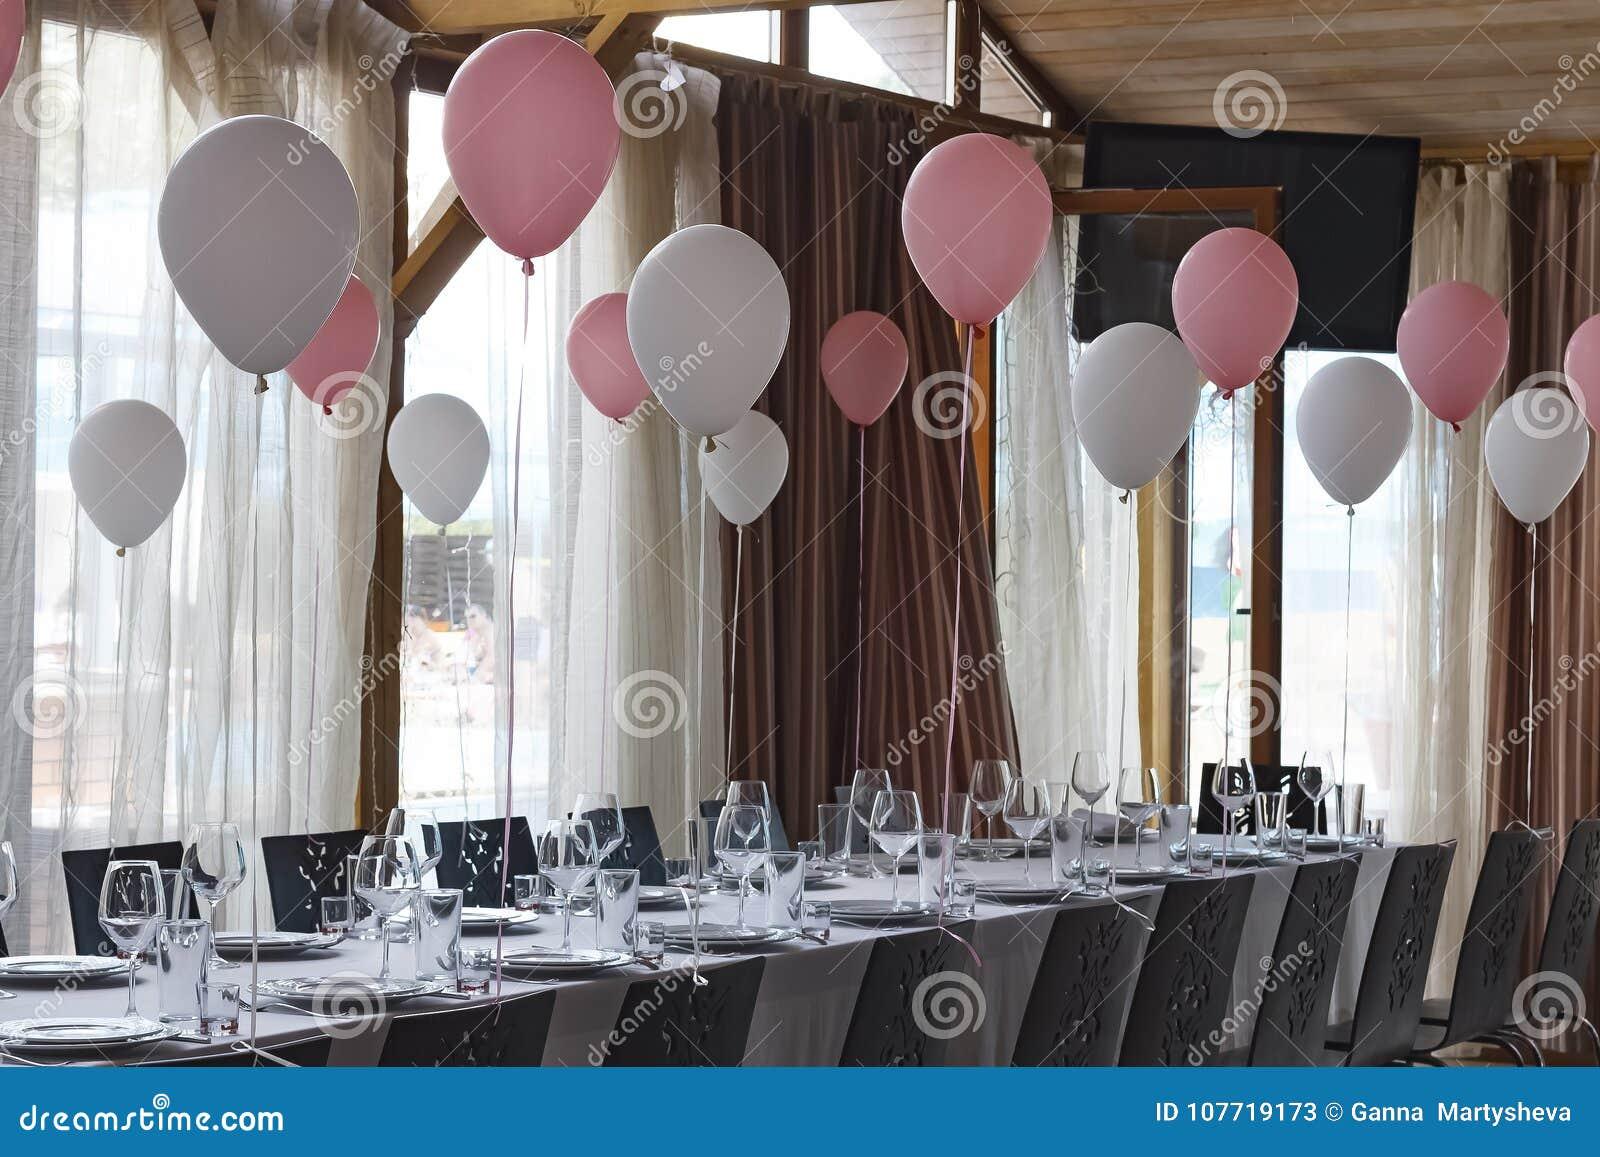 Dekoration in der Banketthalle im Restaurant für ein ernstes Ereignis Konzept: Dienen feier jahrestag hochzeit